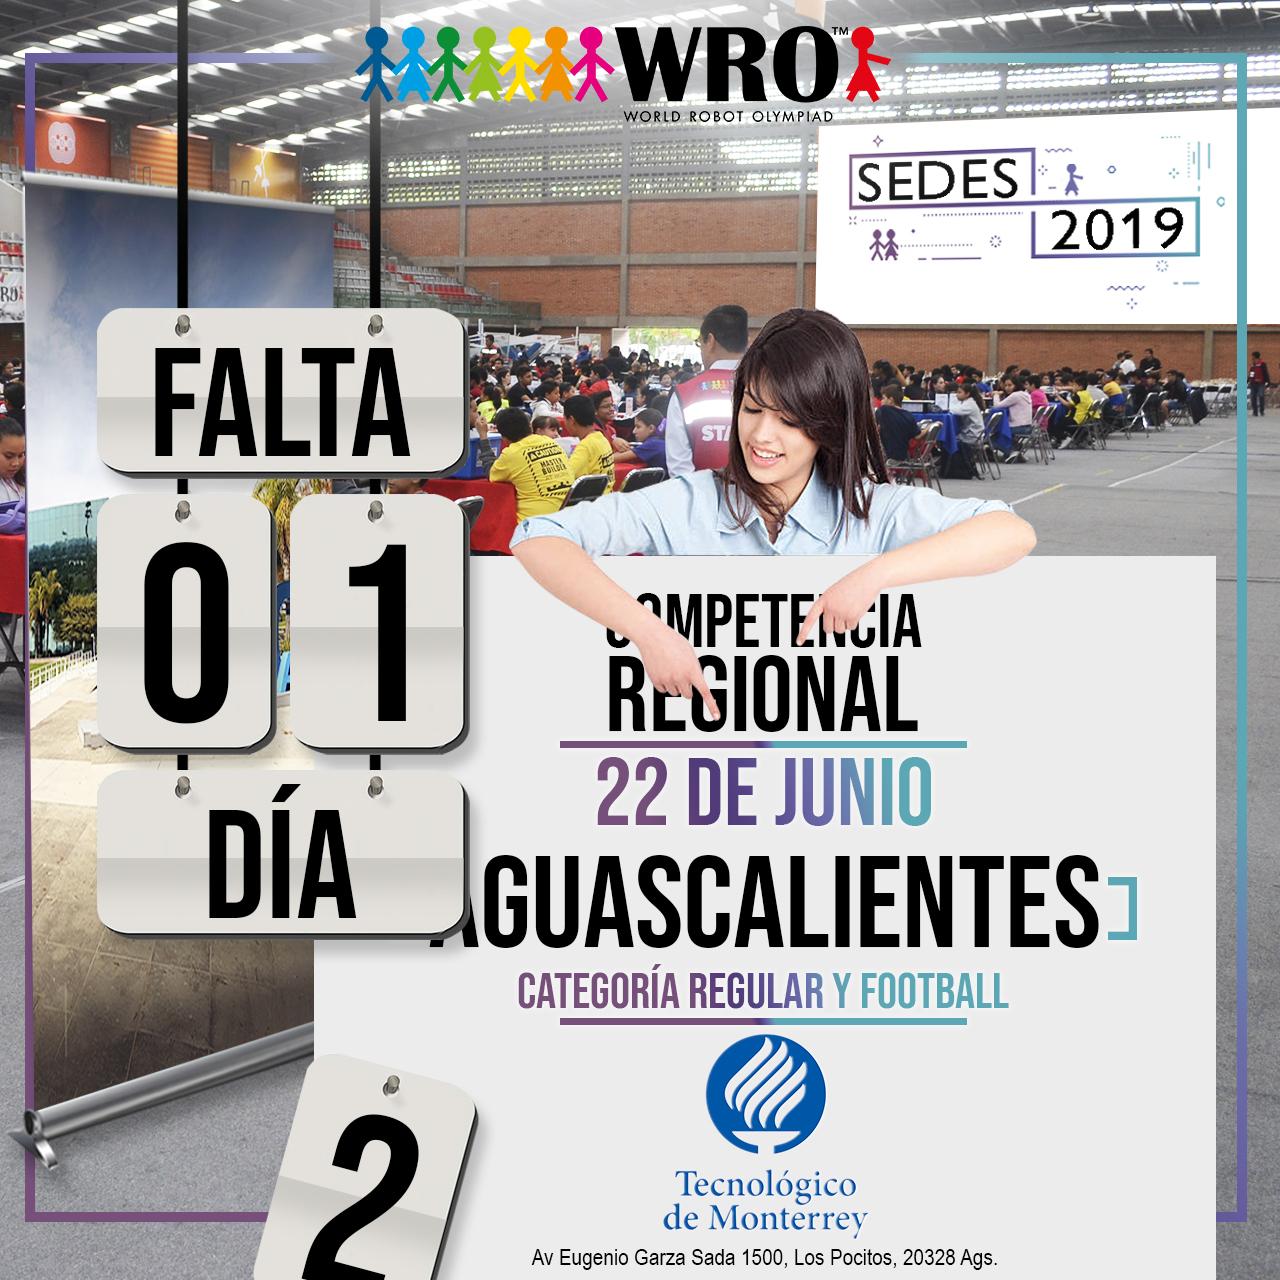 WRO México | Falta 1 día Sede Aguascalientes